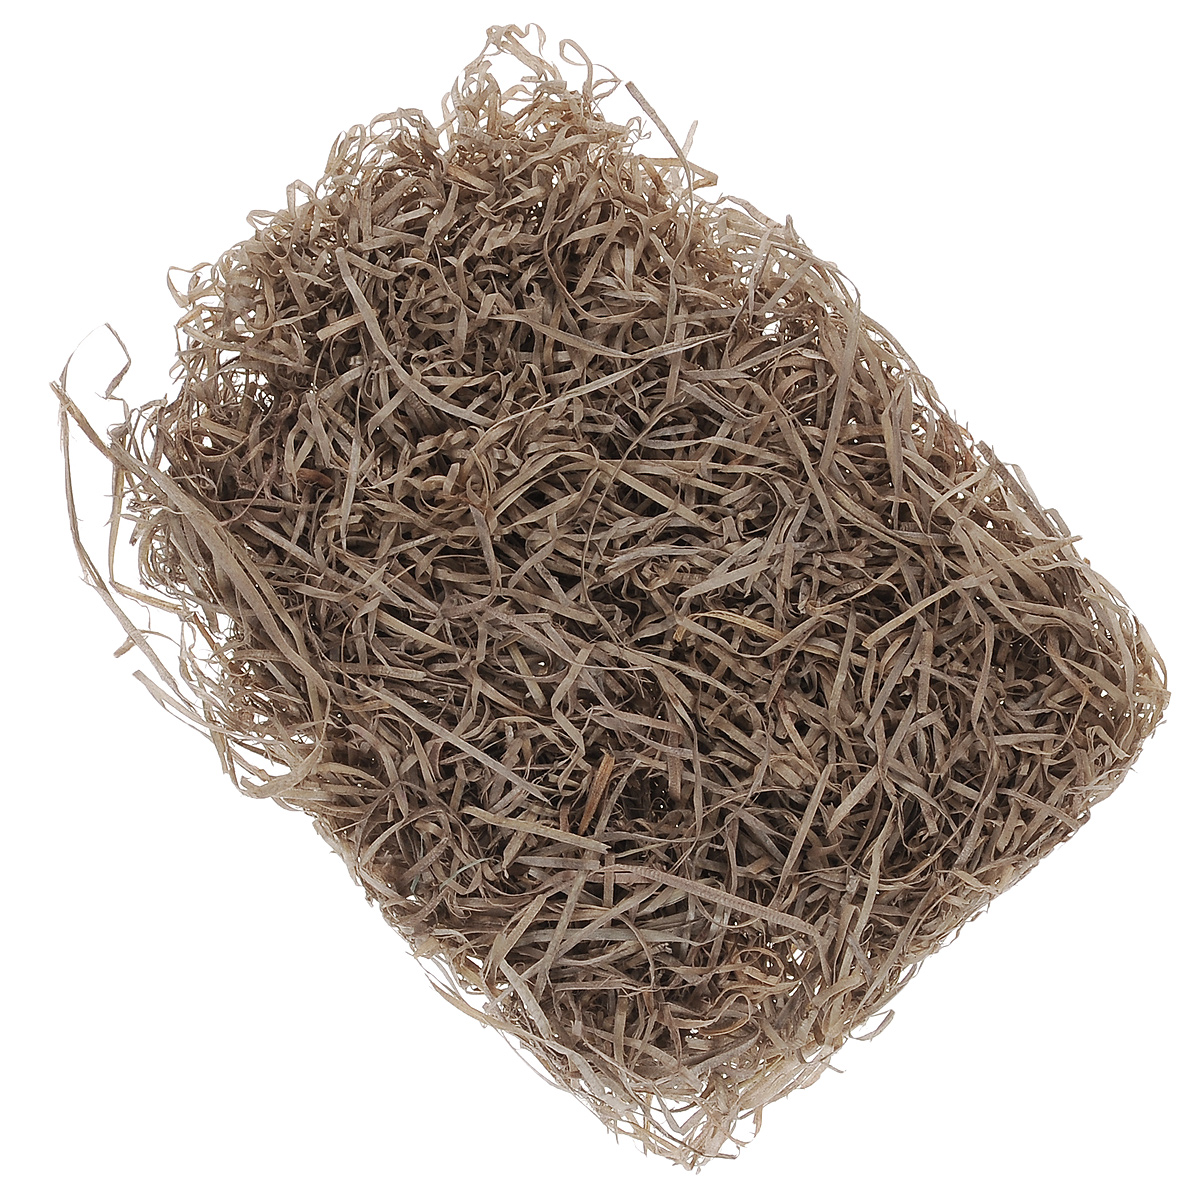 """Древесная стружка """"Hobby Time"""" является оригинальным натуральным  материалом для декора, флористики и упаковки подарков. Естественная  пластичная древесина из лиственных пород деревьев (без  смолы) при небольшом увлажнении становится податливым материалом,  которому можно придать необходимую форму. Тонкая стружка, сухая,  экологически чистая, специально подготовленная. Могут встречаться волокна  более темного или серого цвета - это нормально для натуральной древесины,  которая со временем темнеет при контакте с воздухом. Стружка окрашивается в различные цвета и часто применяется в ландшафтном  дизайне, изготовлении цветочных композиций, подарочных корзин,  декорировании цветочных горшков, рамок, стен, в скрапбукинге, для упаковки  хрупких предметов и много другого.  Такой материал можно комбинировать с различными аксессуарами, как с  природными - веточки, шишки, скорлупа, кора, перья так и с искусственными -  стразы, бисер, бусины. Уникальная токая структура волокон позволят создавать  новые формы."""